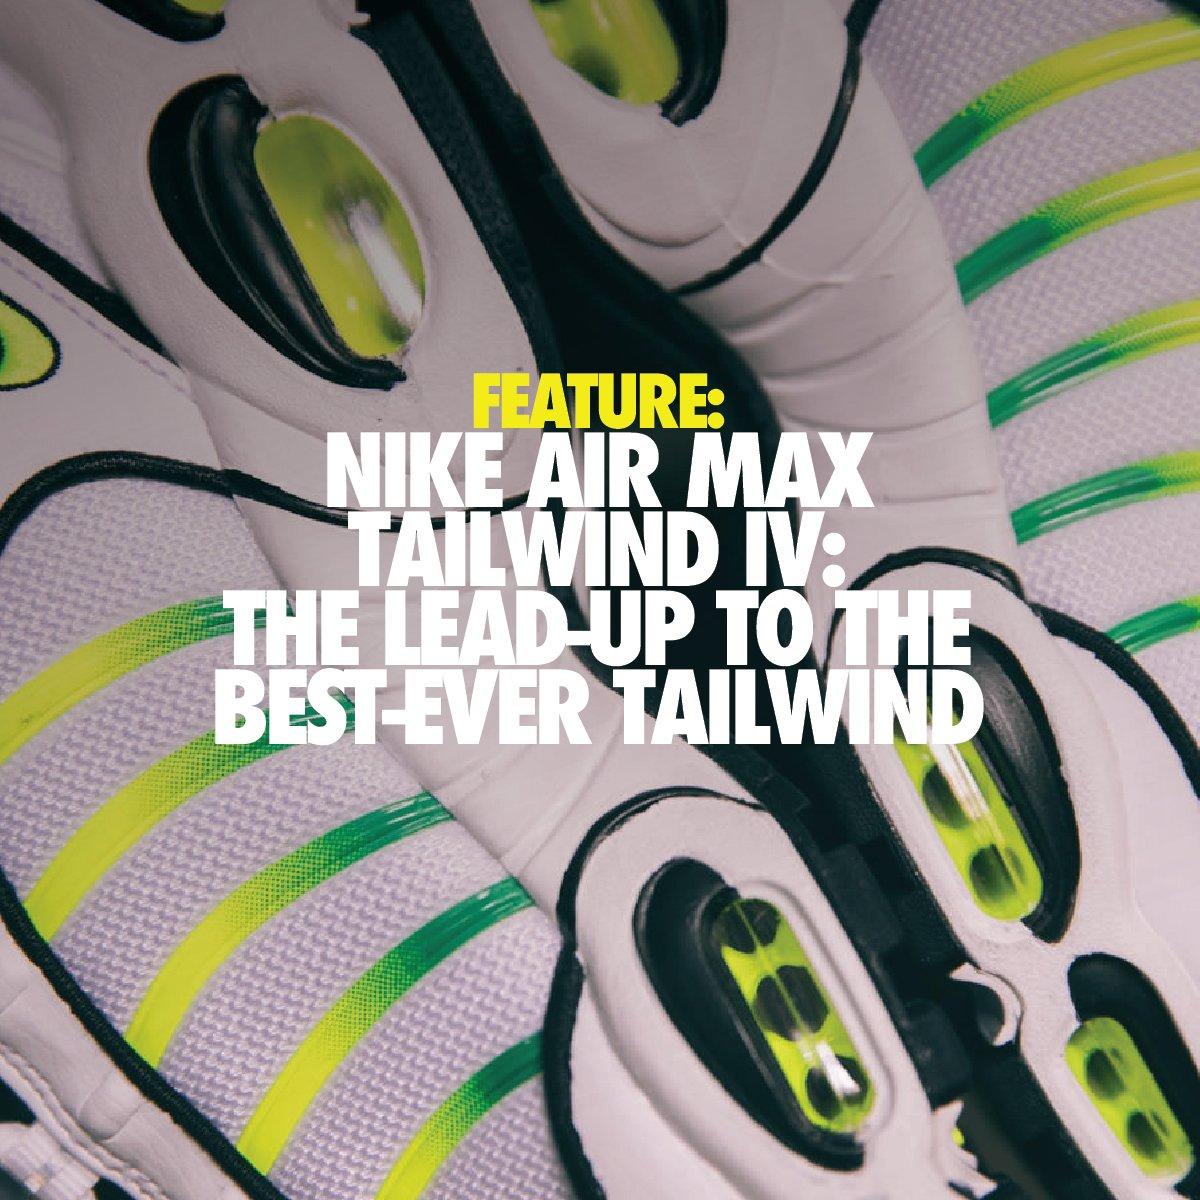 22b8850721 Sneaker Freaker on Twitter: